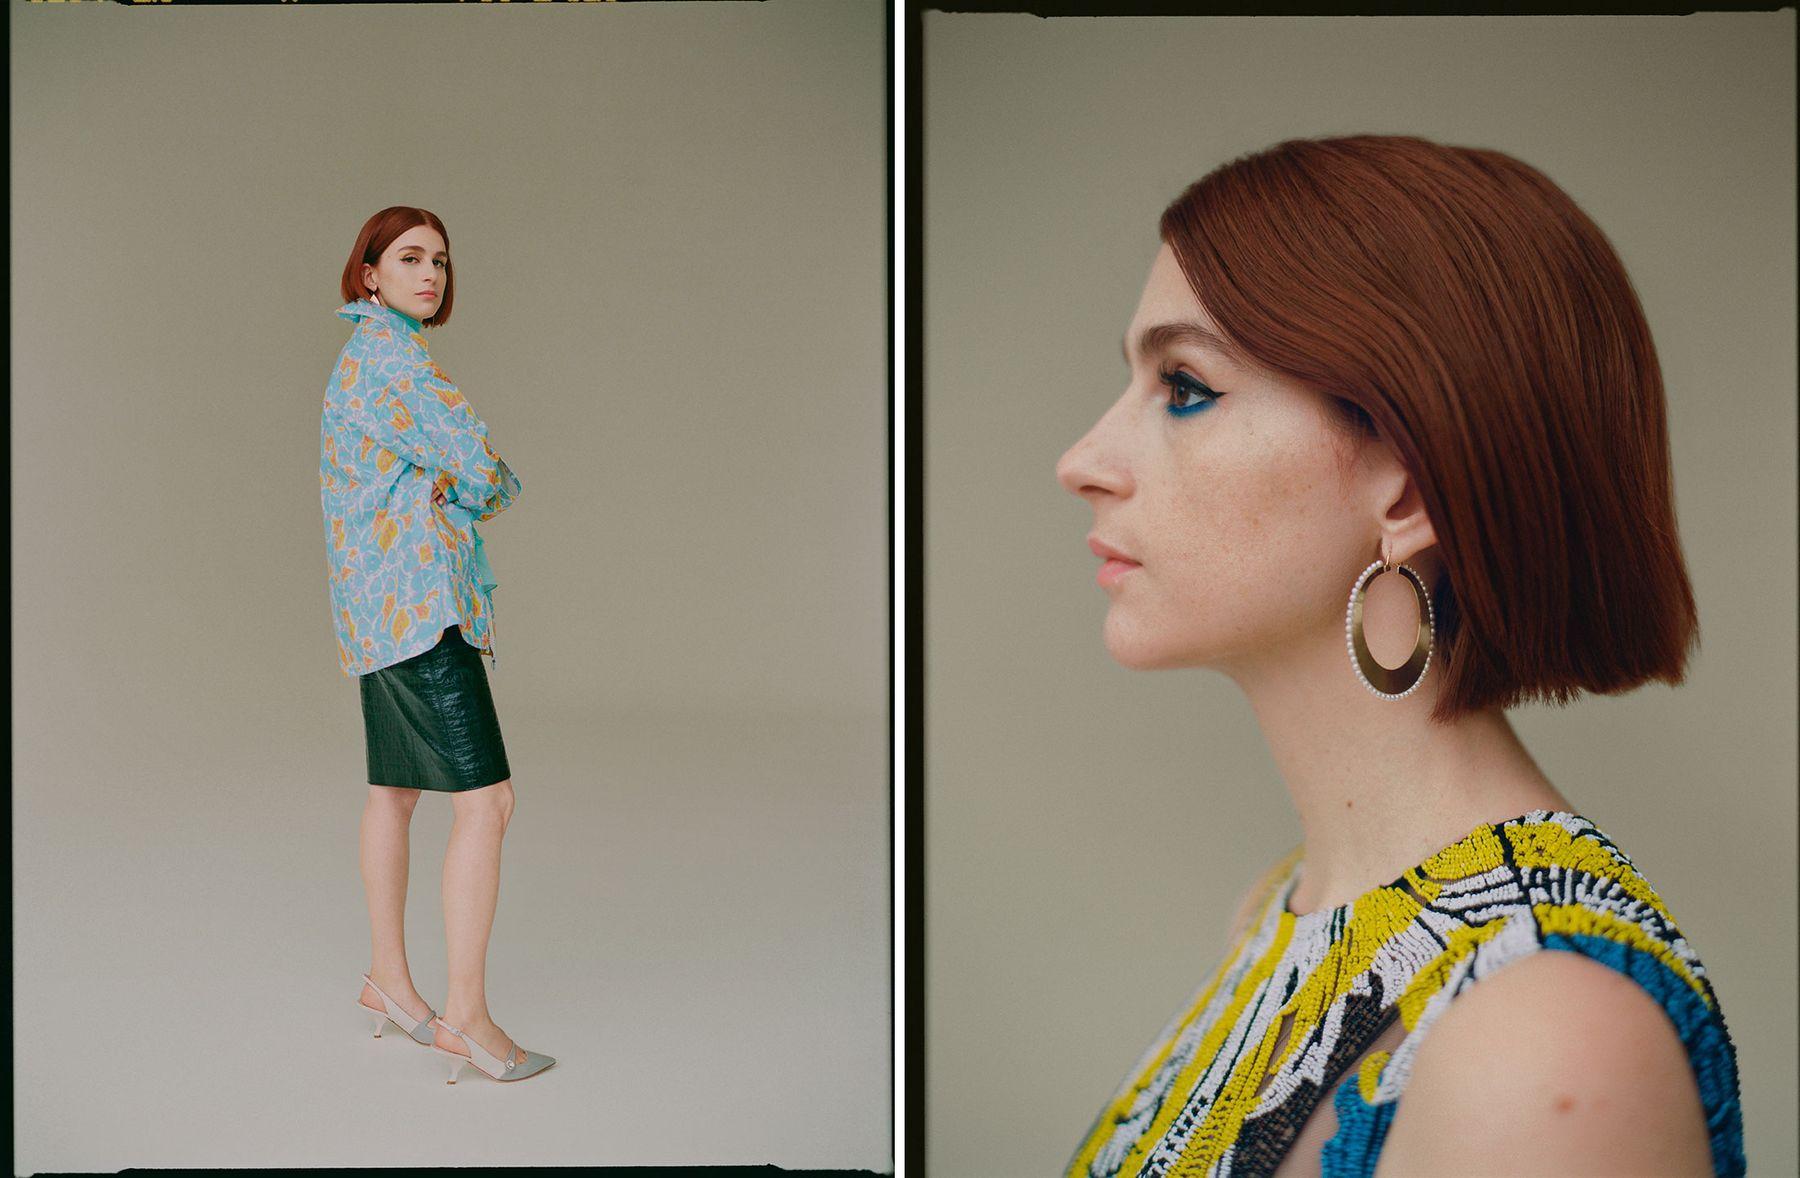 Assunta de Rossi (b. 1981),Mosang (b. 1972) Porn pictures Sarah E. Dunsworth,Mari Henmi